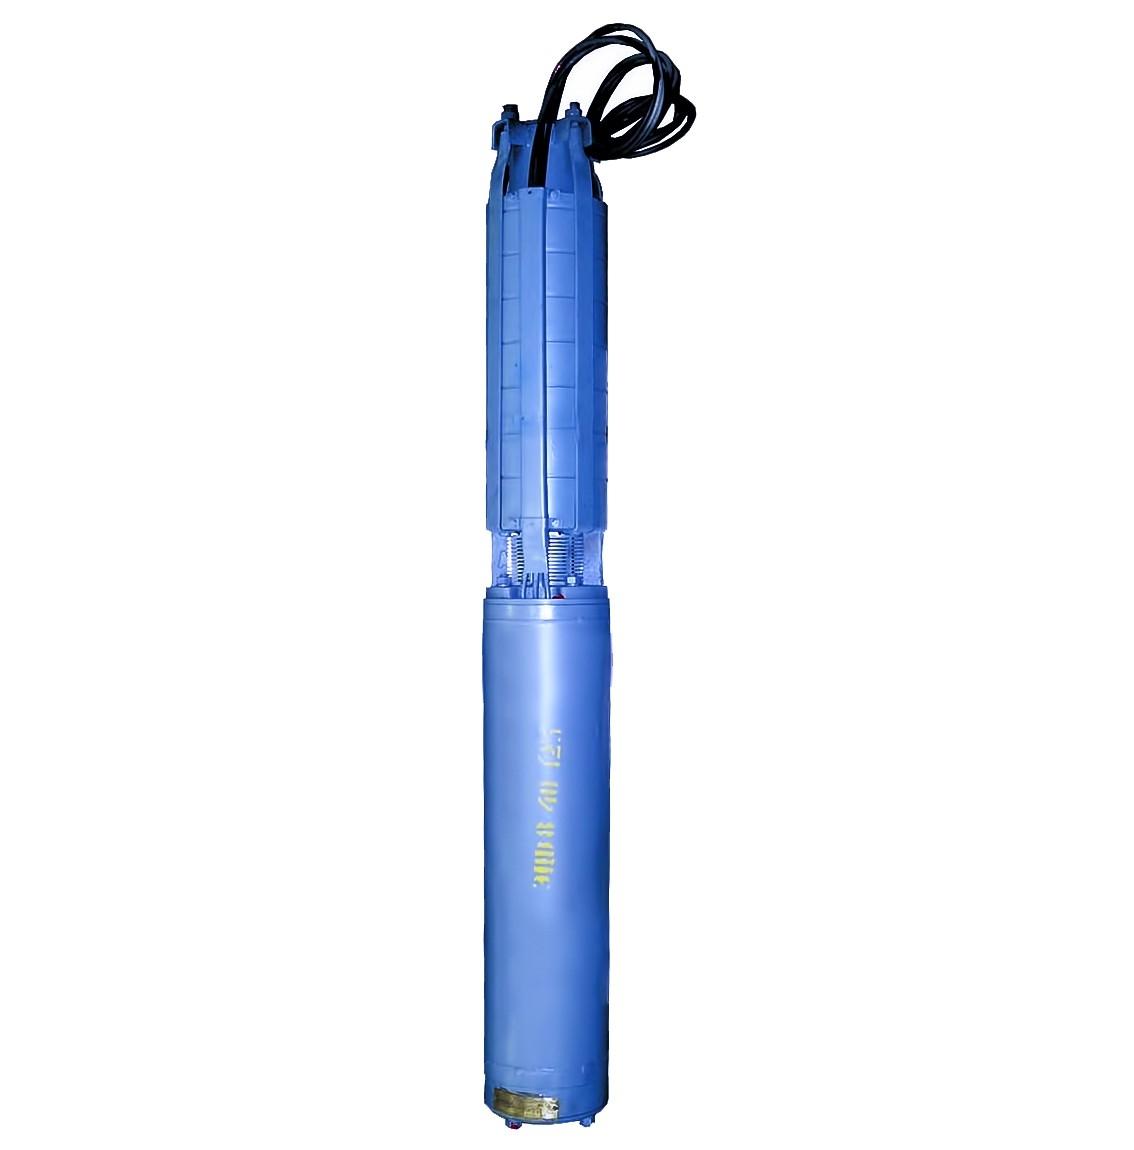 Погружной насос ЭЦВ 6-16-50 армлен